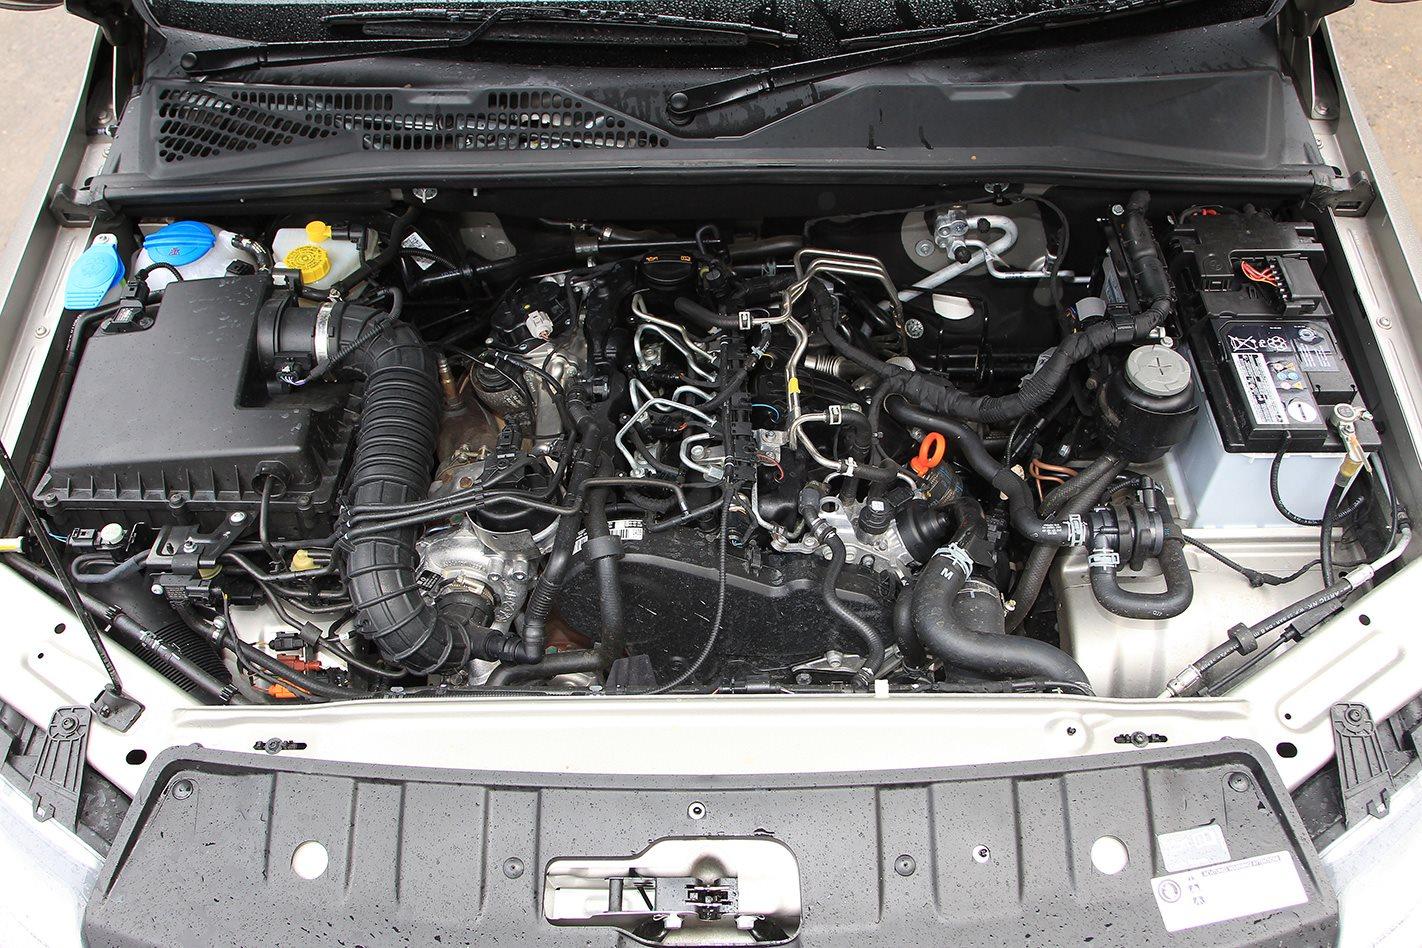 2011 Volkswagen Amarok Highline engine.jpg